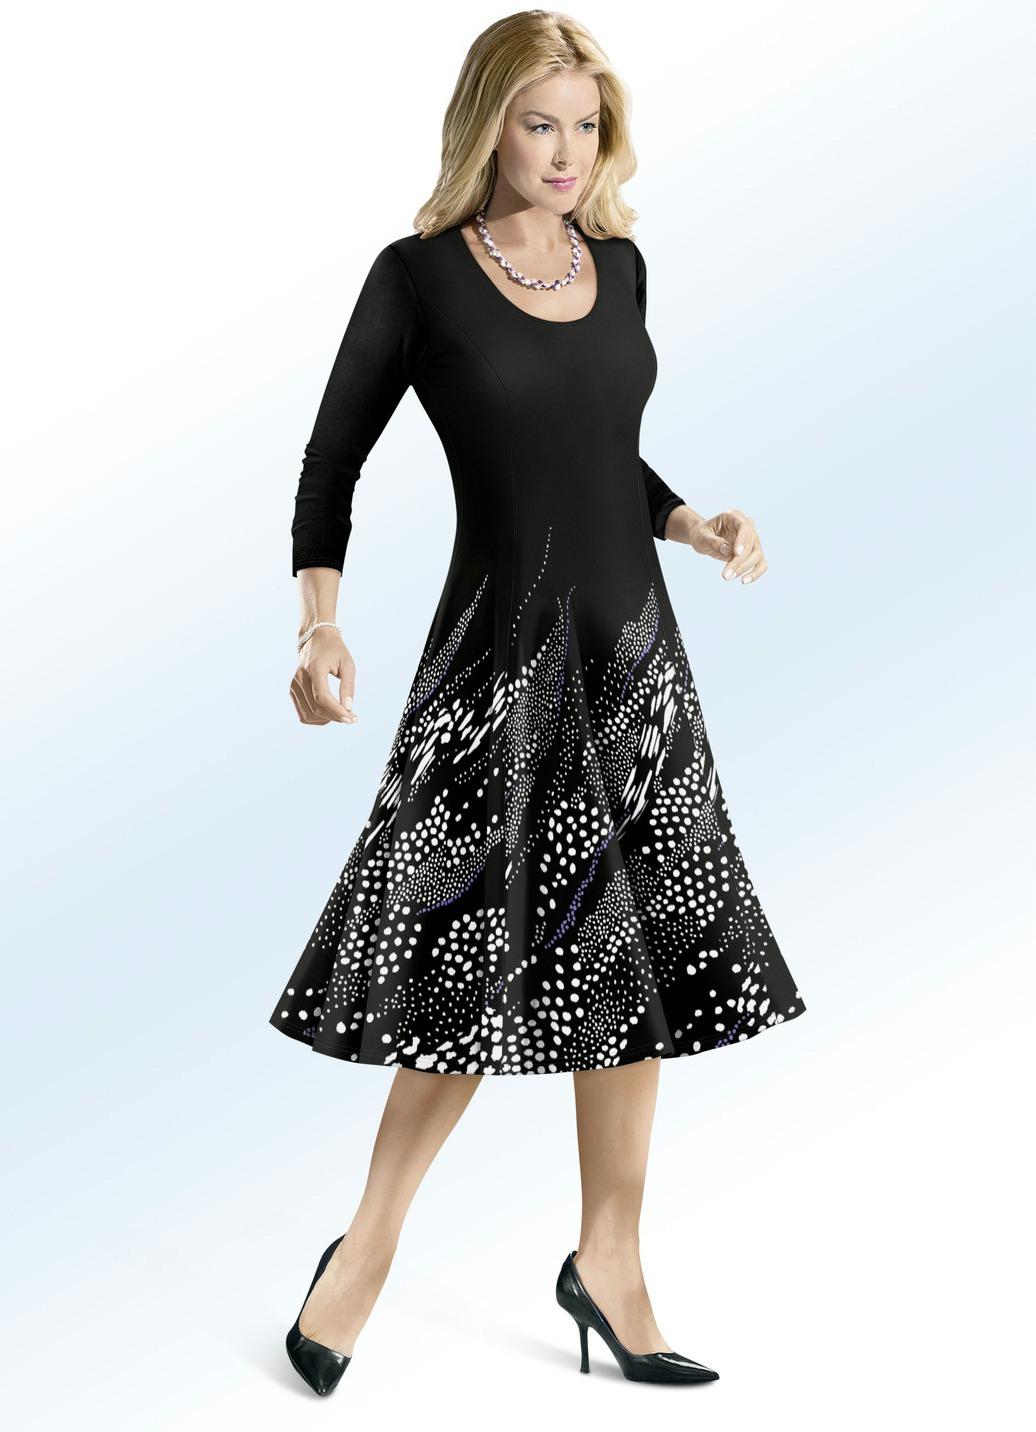 Kleid Von Elena Eden In Schwingender Schlupfform  Mode